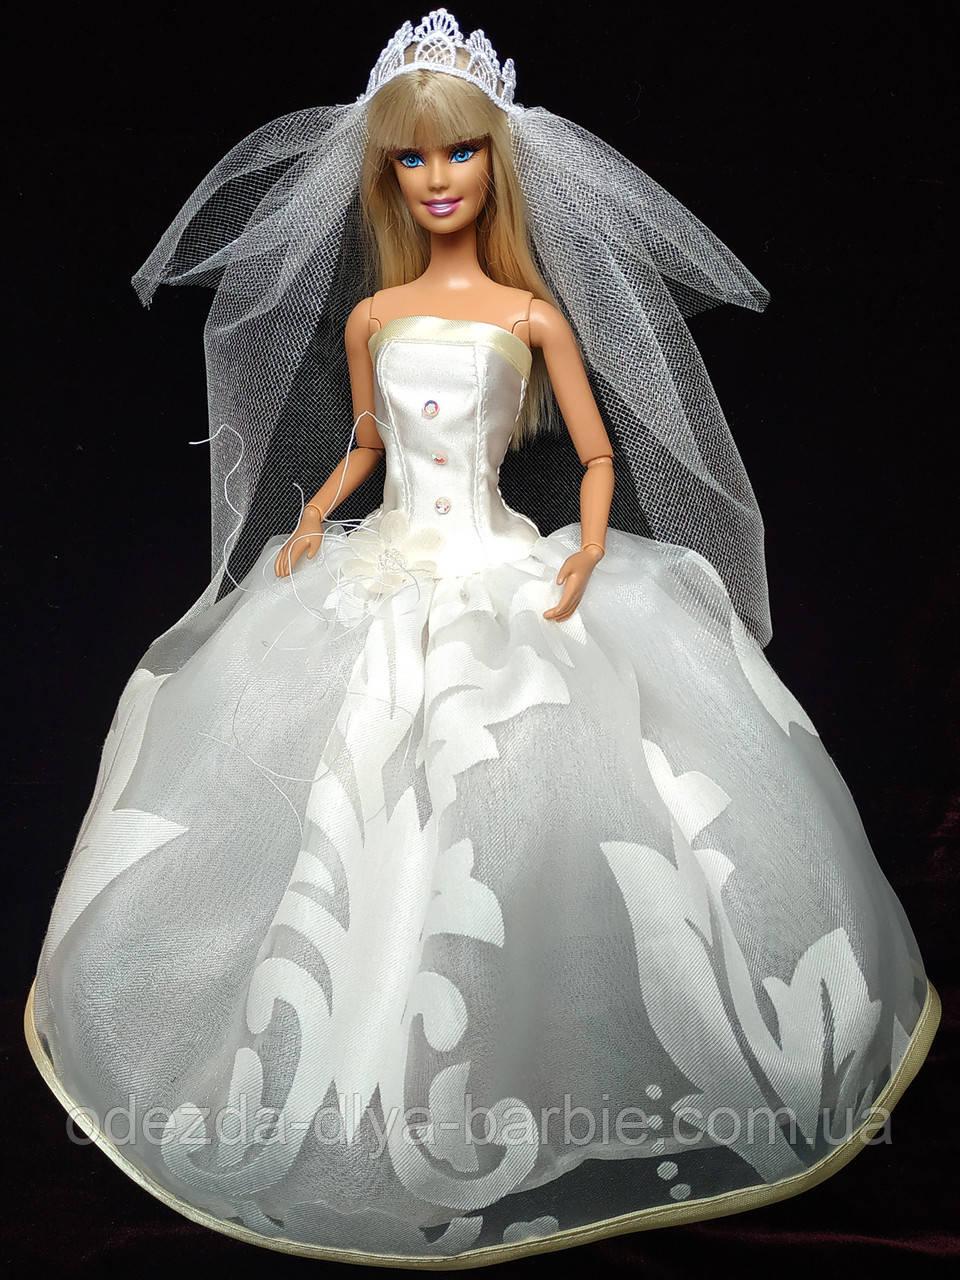 Одежда для кукол Барби - свадебный наряд.